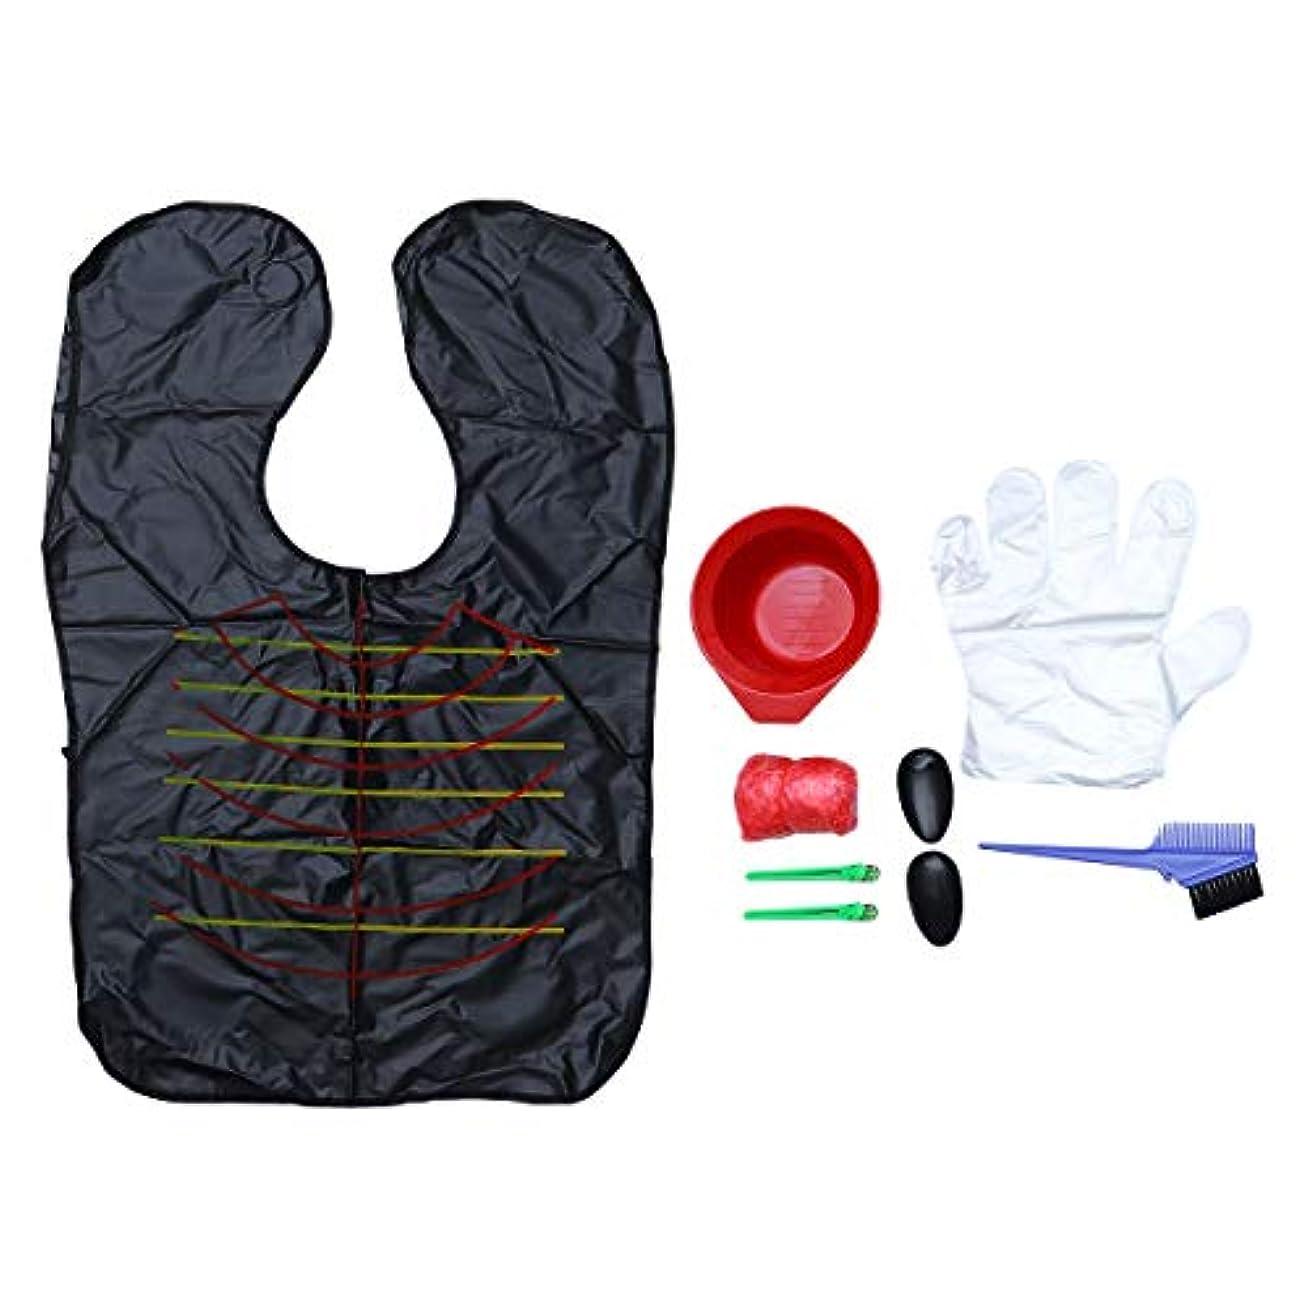 窓を洗うドラマ備品HEALLILY ヘアカラー染色キットヘアダイDIYツールダイブラシミキシングボウルイヤーキャップシャワーキャップ弾性手袋9個(ランダムカラー)